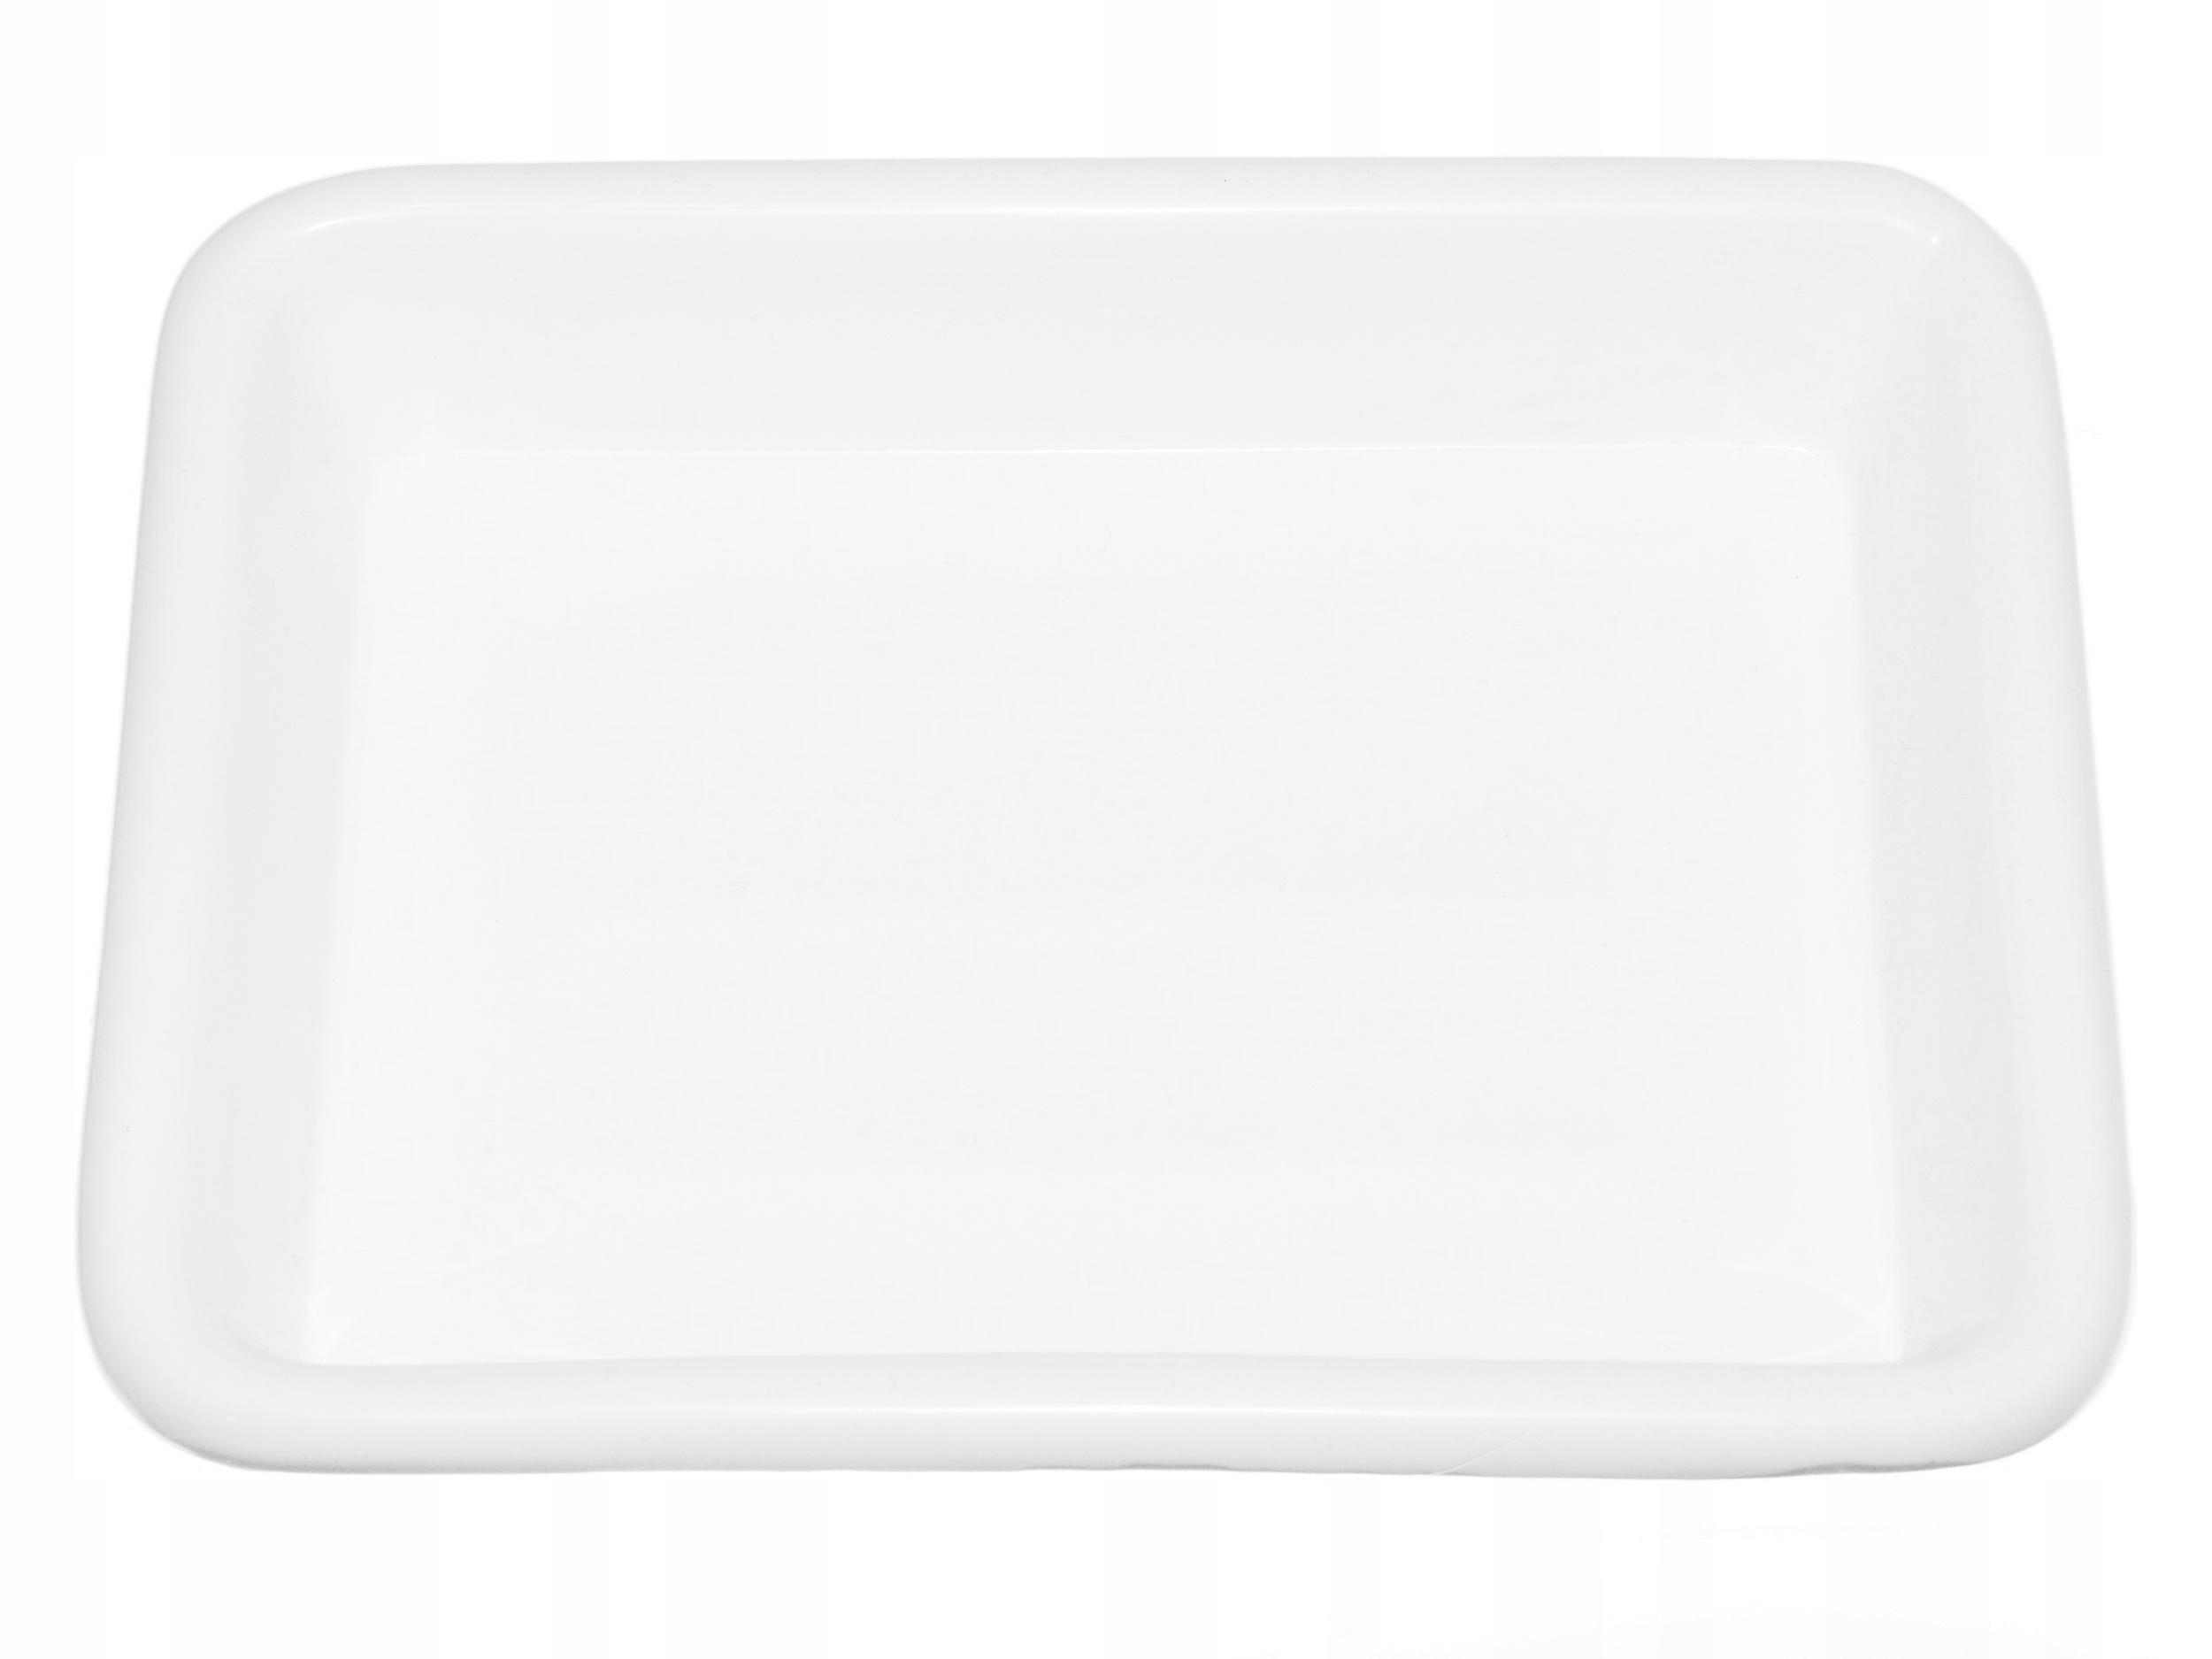 Fotografie kyvačku pre obrázky čiernobiele 10x15 cm. biely